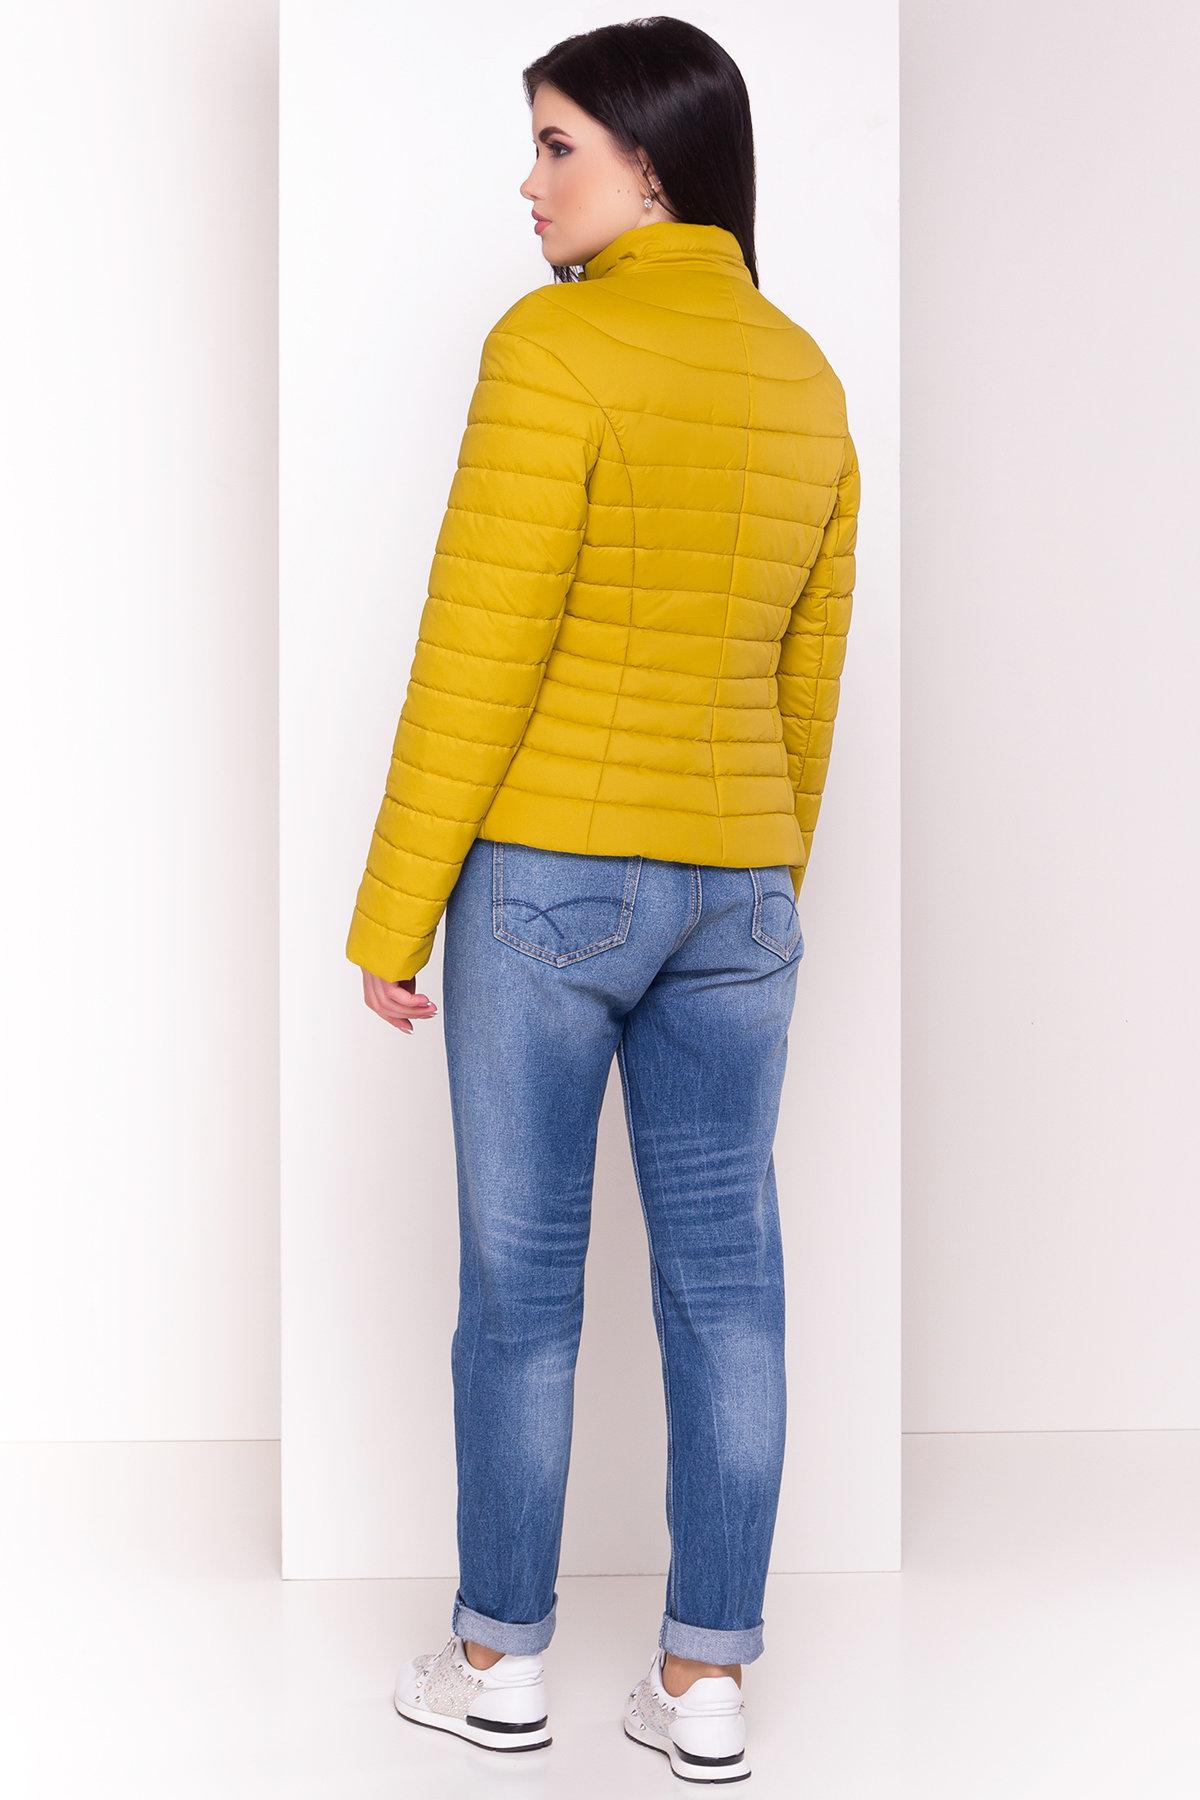 Куртка горчичный цвет Флориса 4560 АРТ. 21643 Цвет: Горчица - фото 3, интернет магазин tm-modus.ru